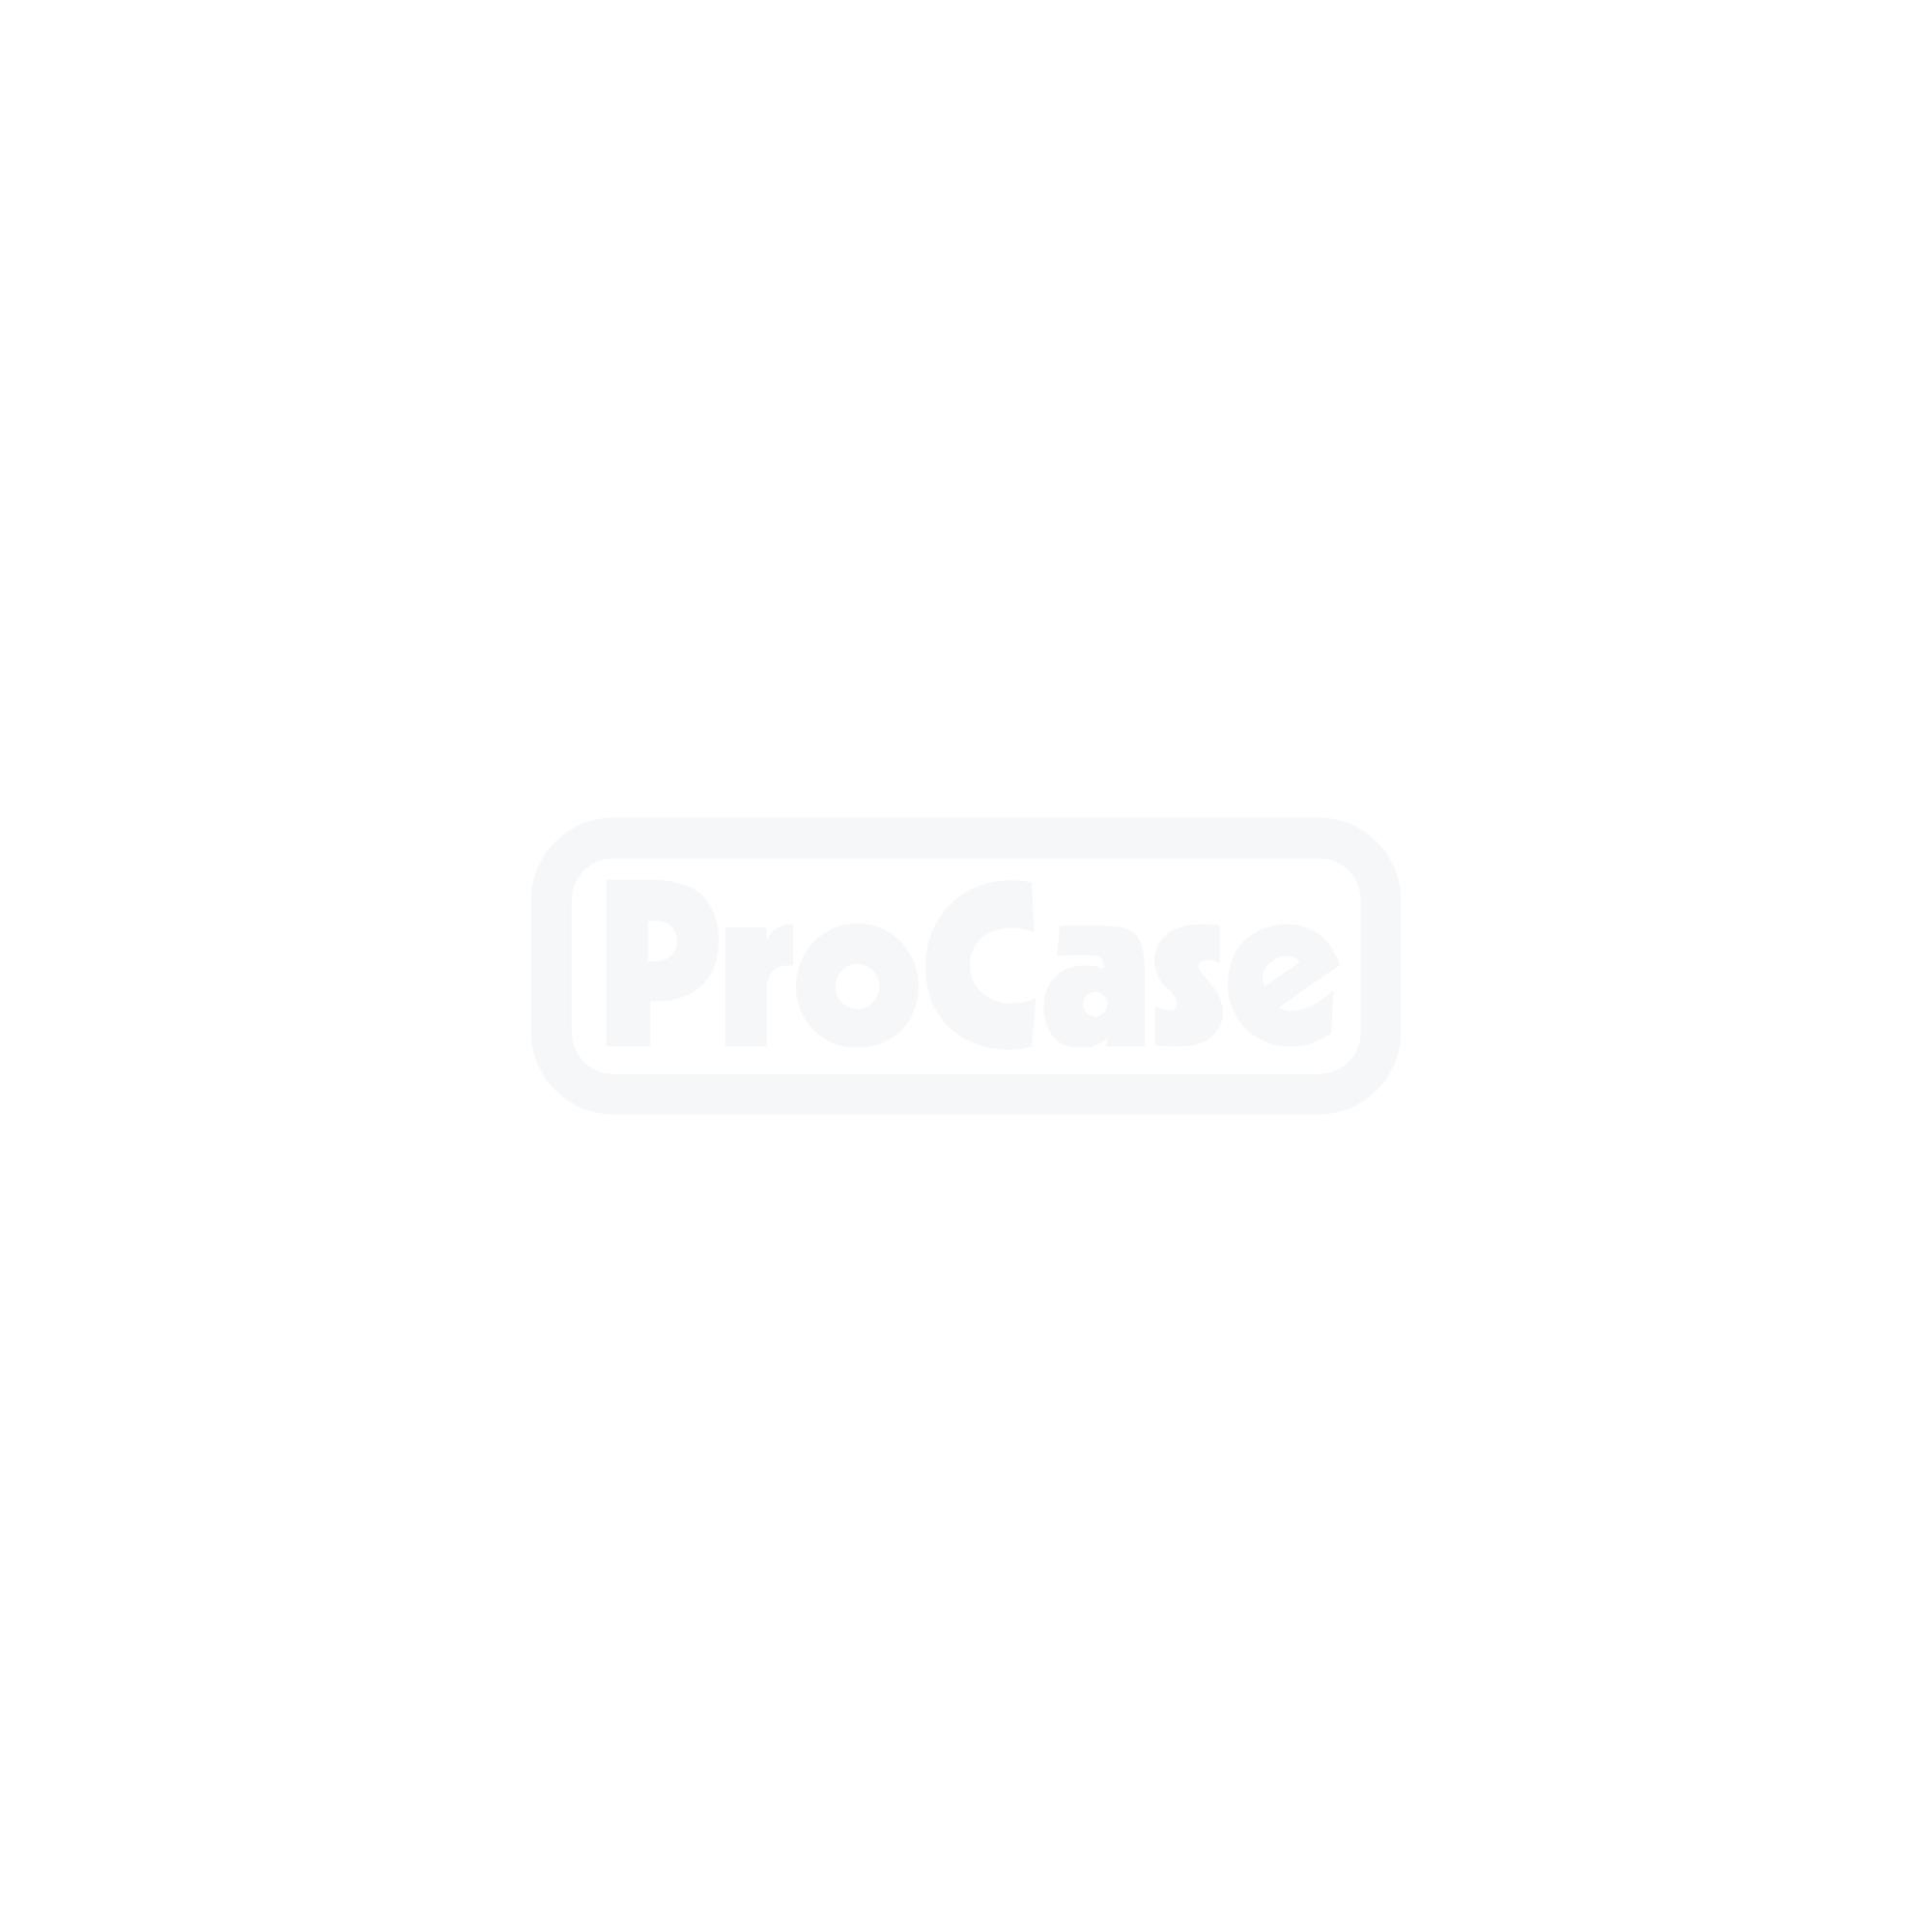 QSD Stack-Rack 2HE 560 tief